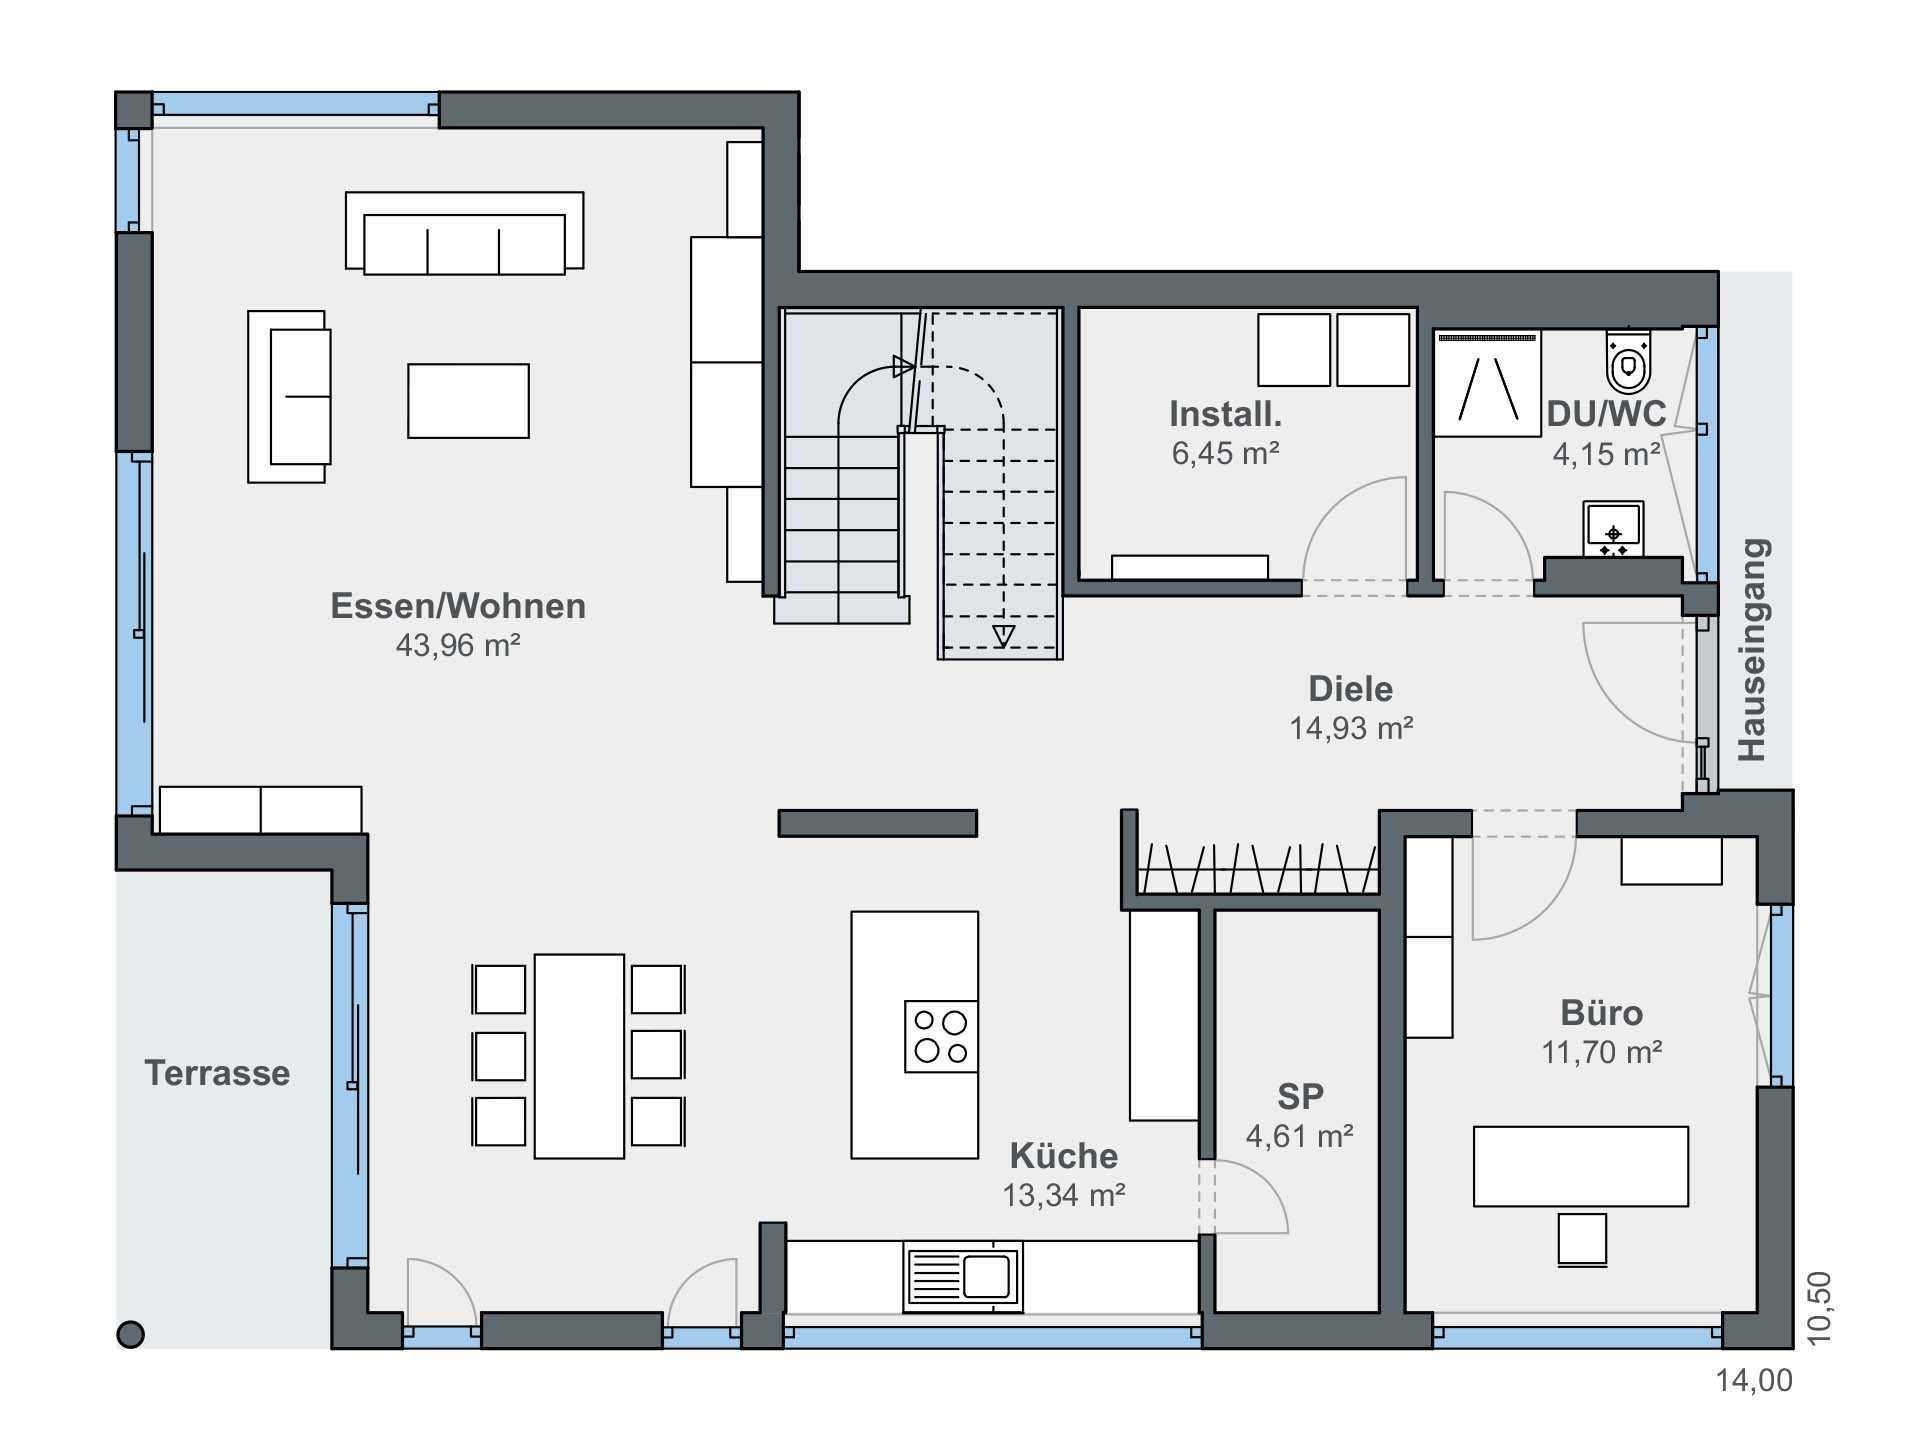 Kundenhaus Blum WeberHaus in 2020 Haus grundriss, Haus